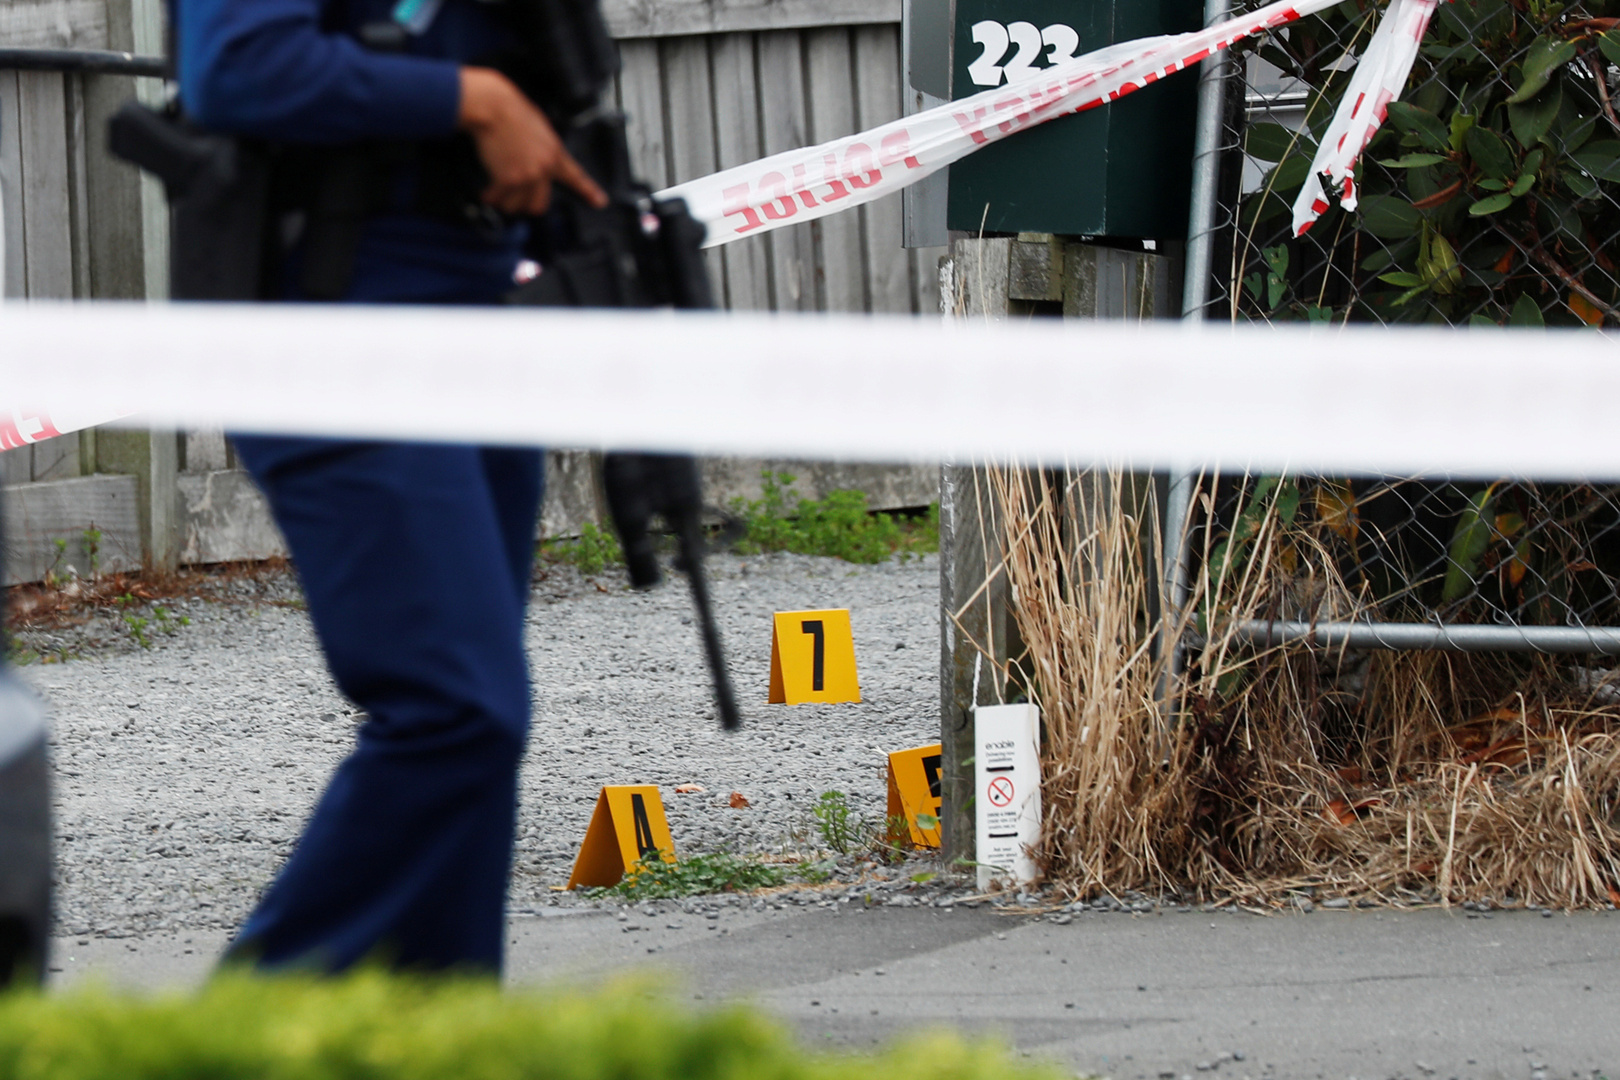 عنصر من الشرطة يحرس موقع إطلاق النار أثناء التحقيق خارج مسجد لينوود في كرايستشيرش بنيوزيلندا